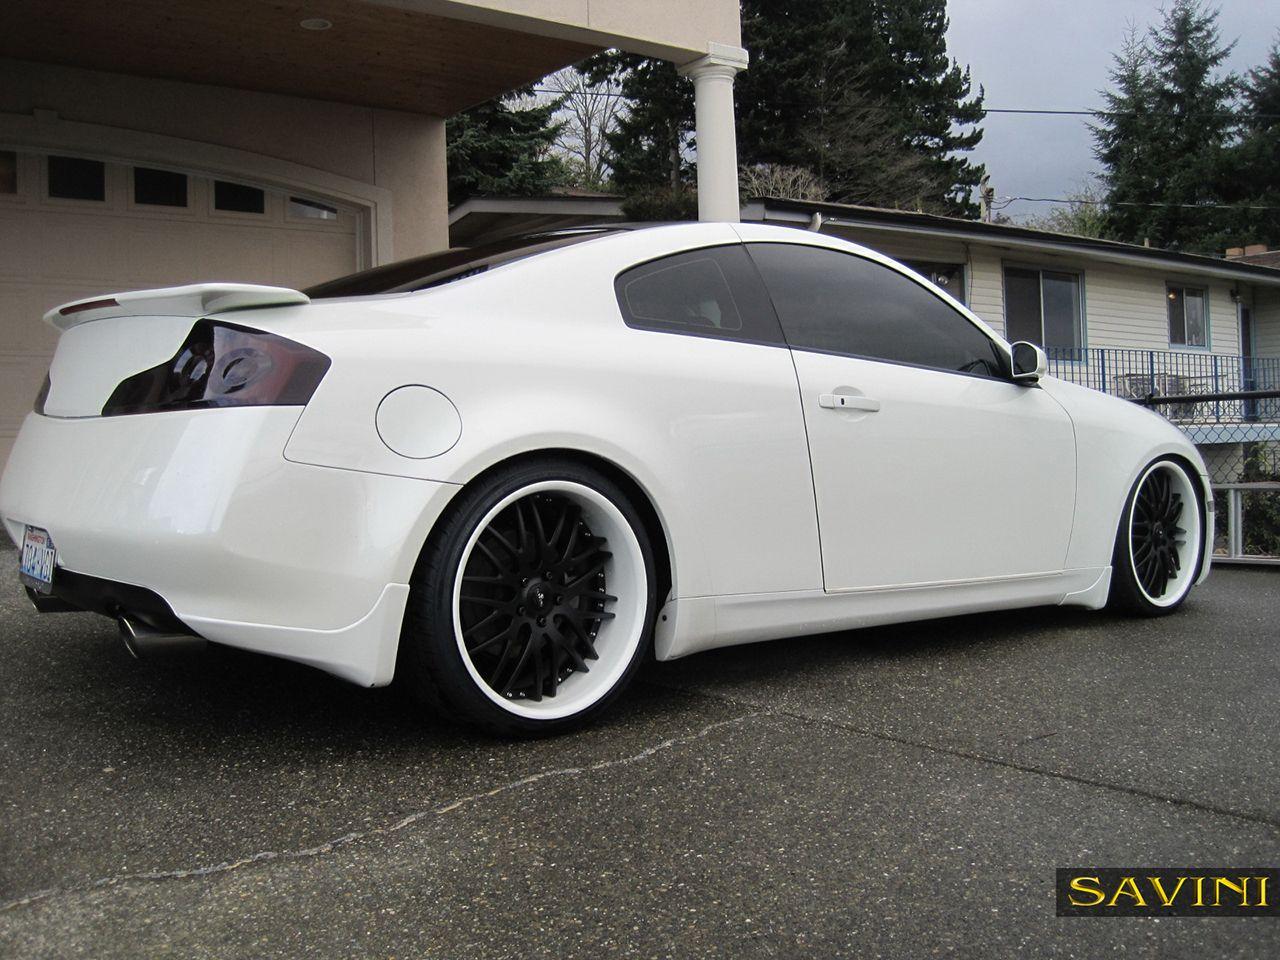 White Infiniti G37 Coupe Black Rims Google Search Car Wheels